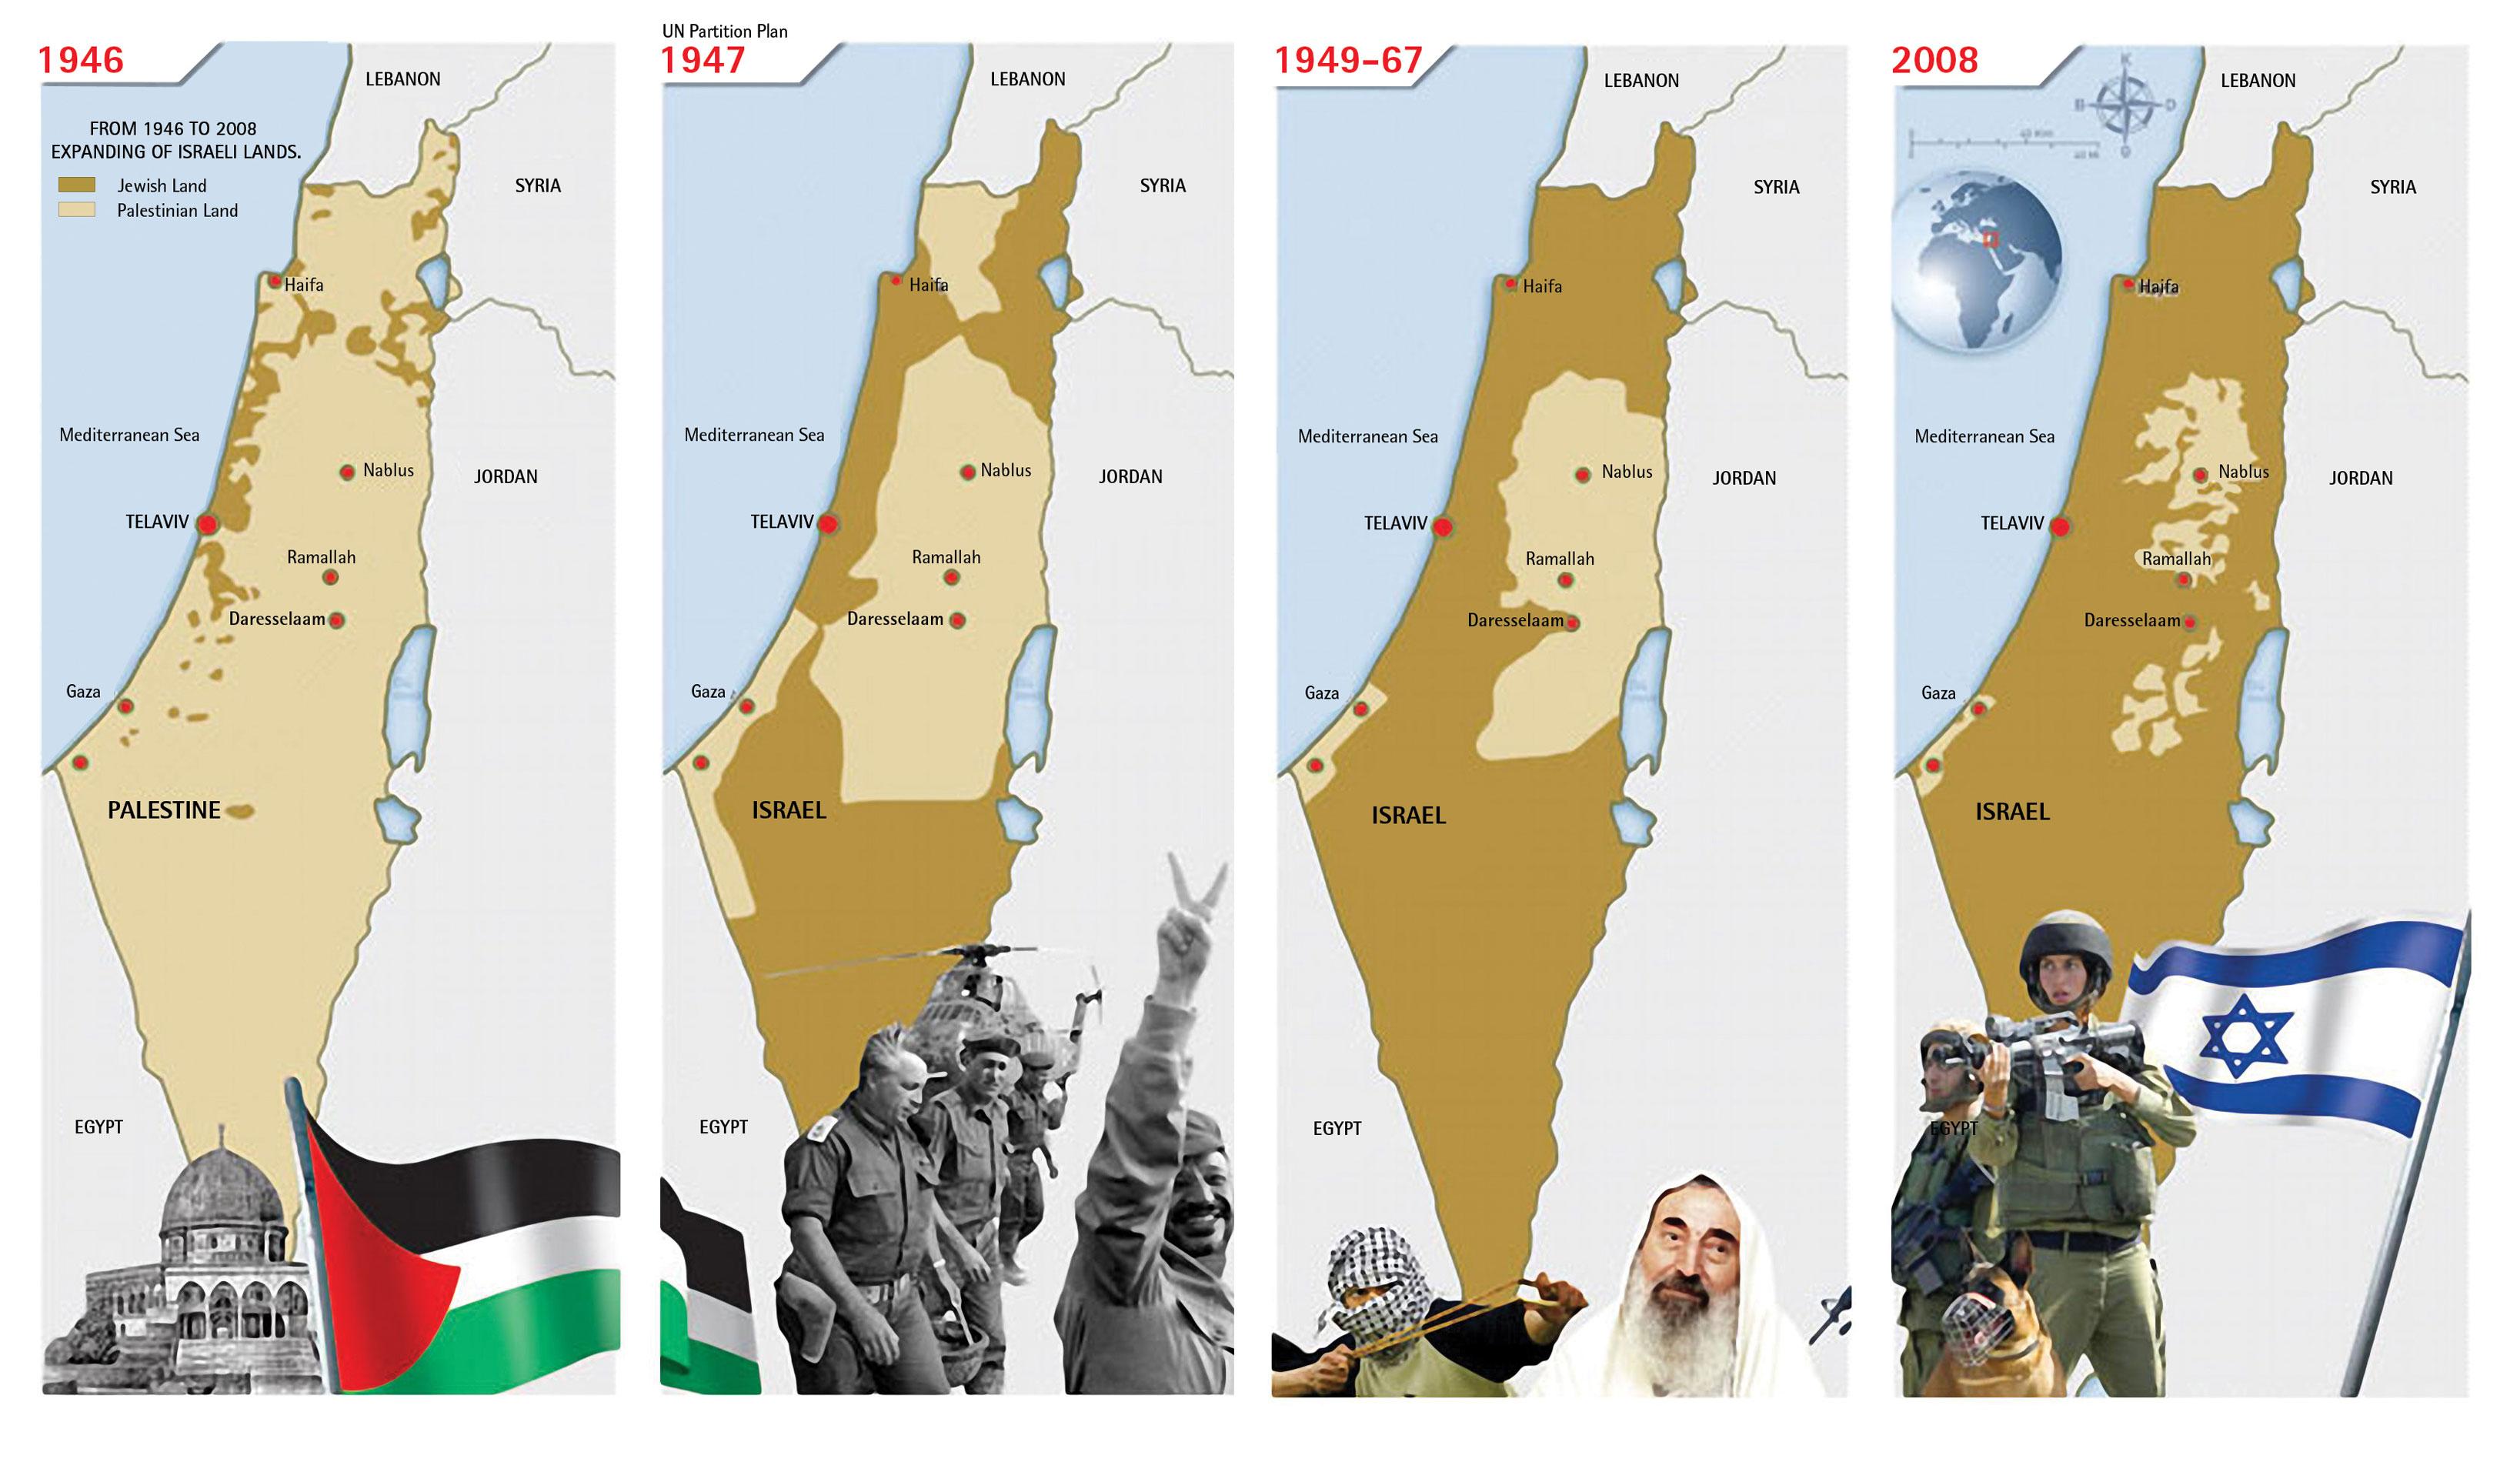 Una mappa che riassume l'evoluzione dell'occupazione dei territori palestinesi